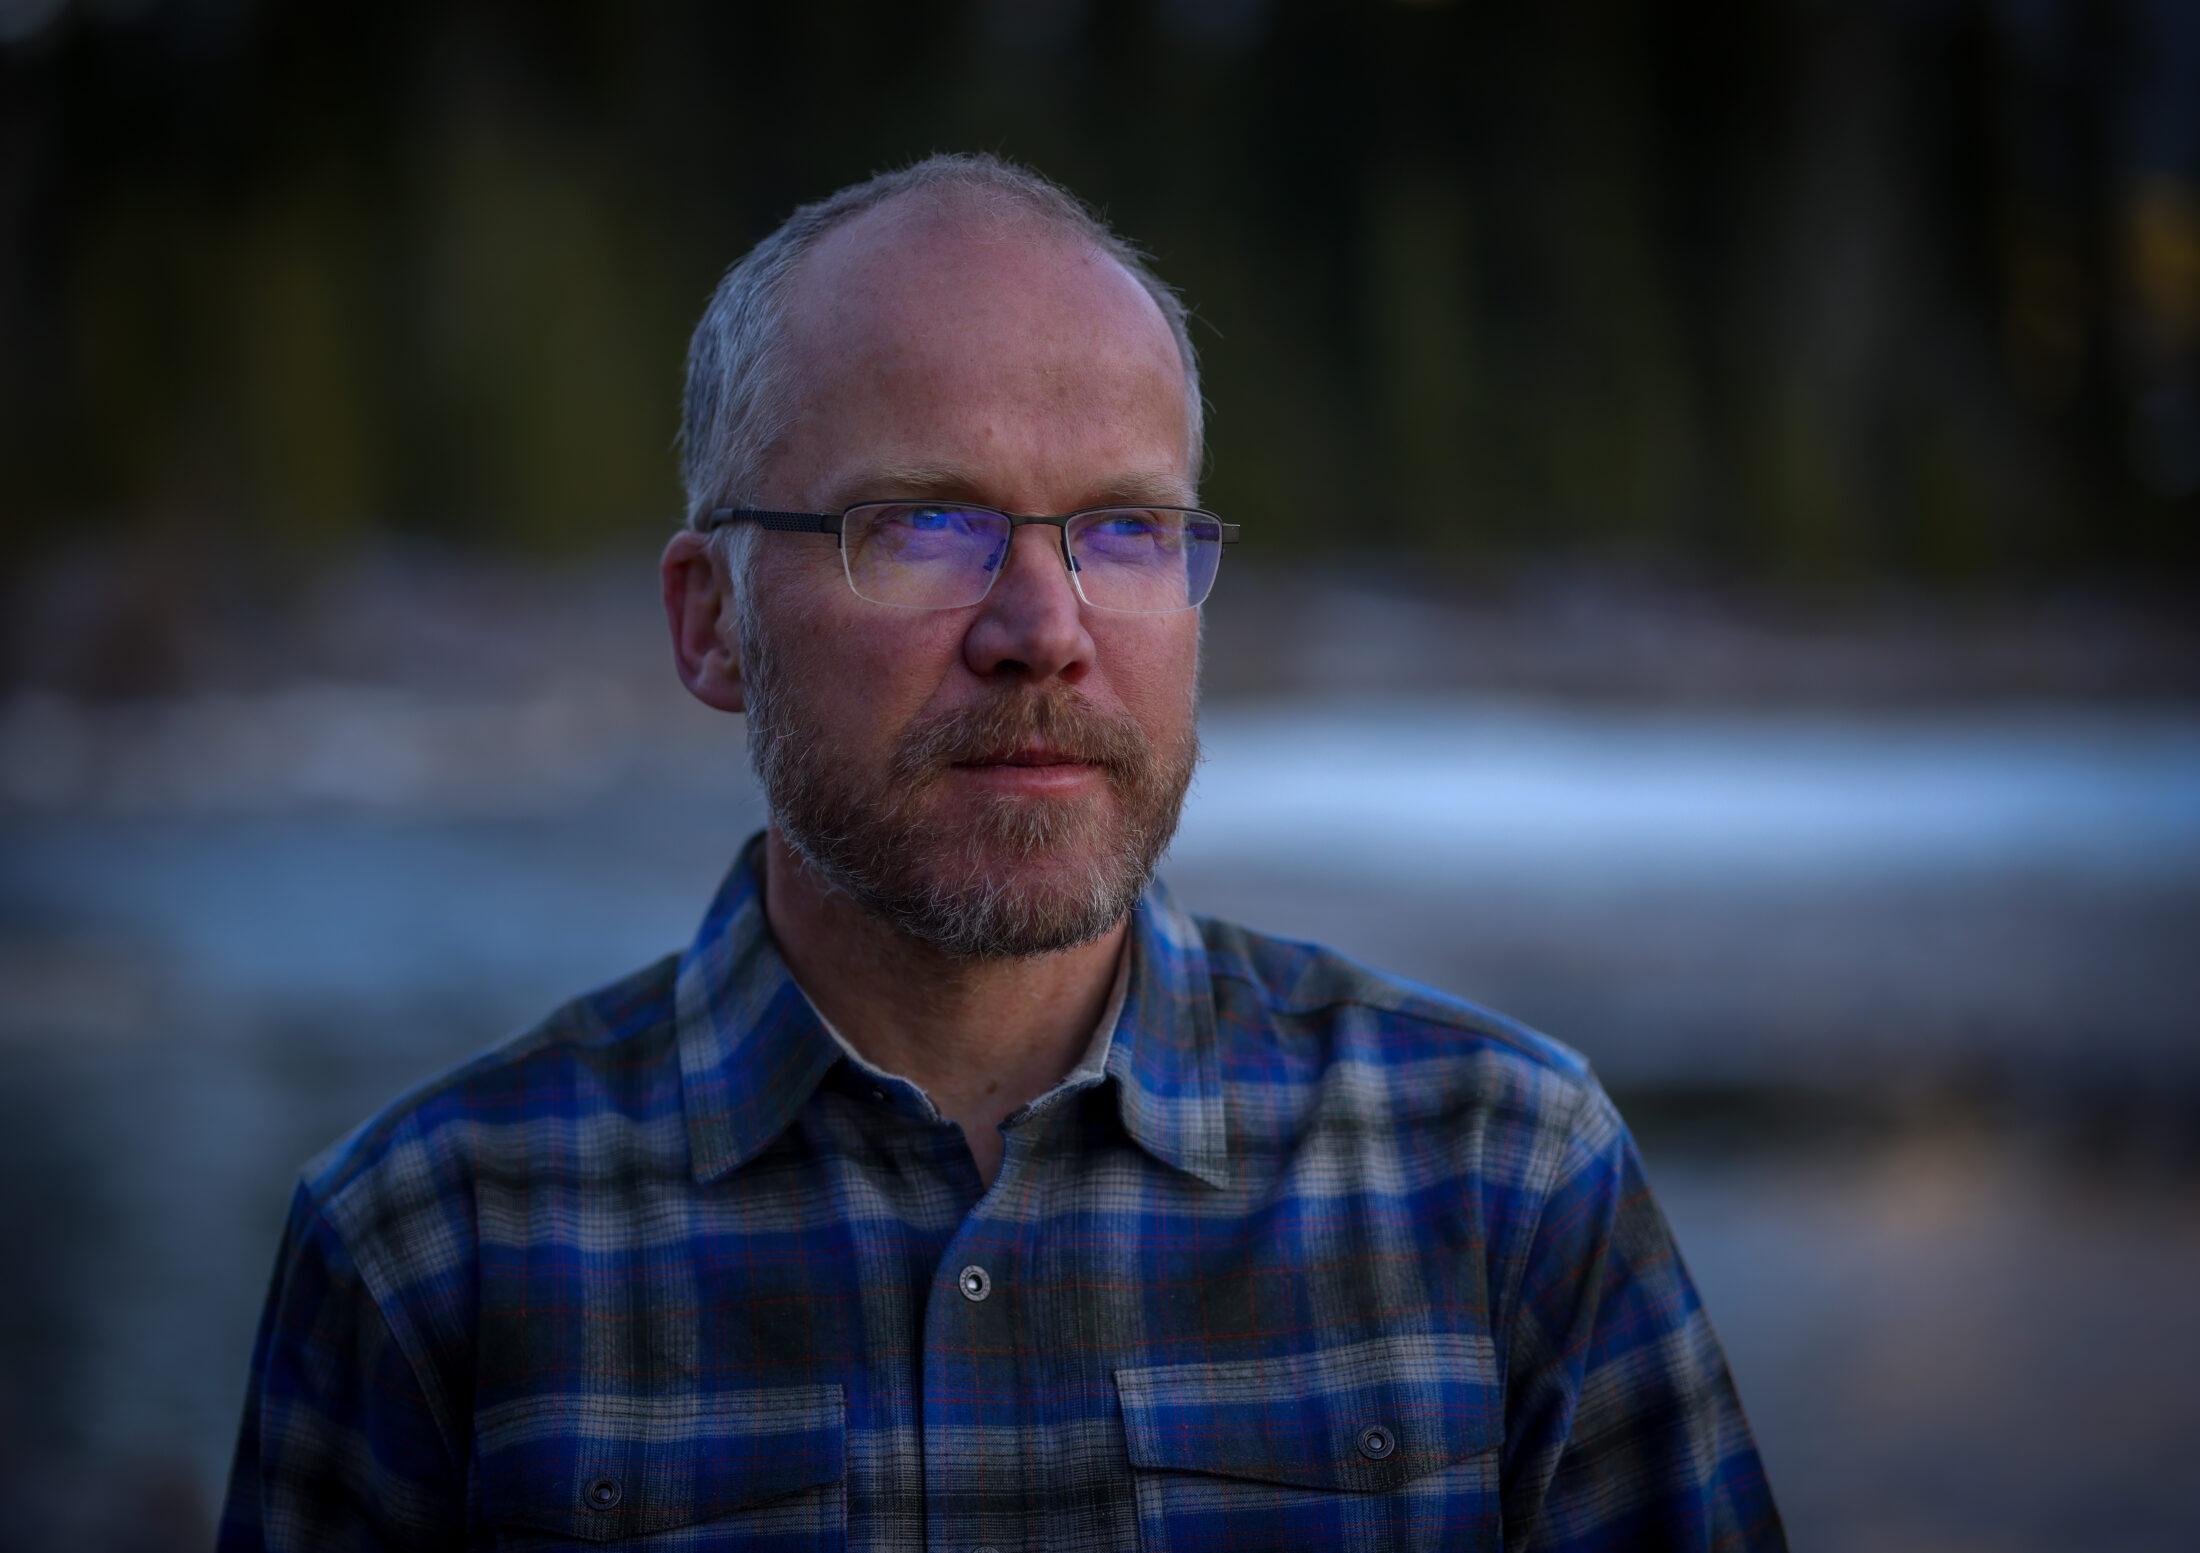 Karsten Keuer